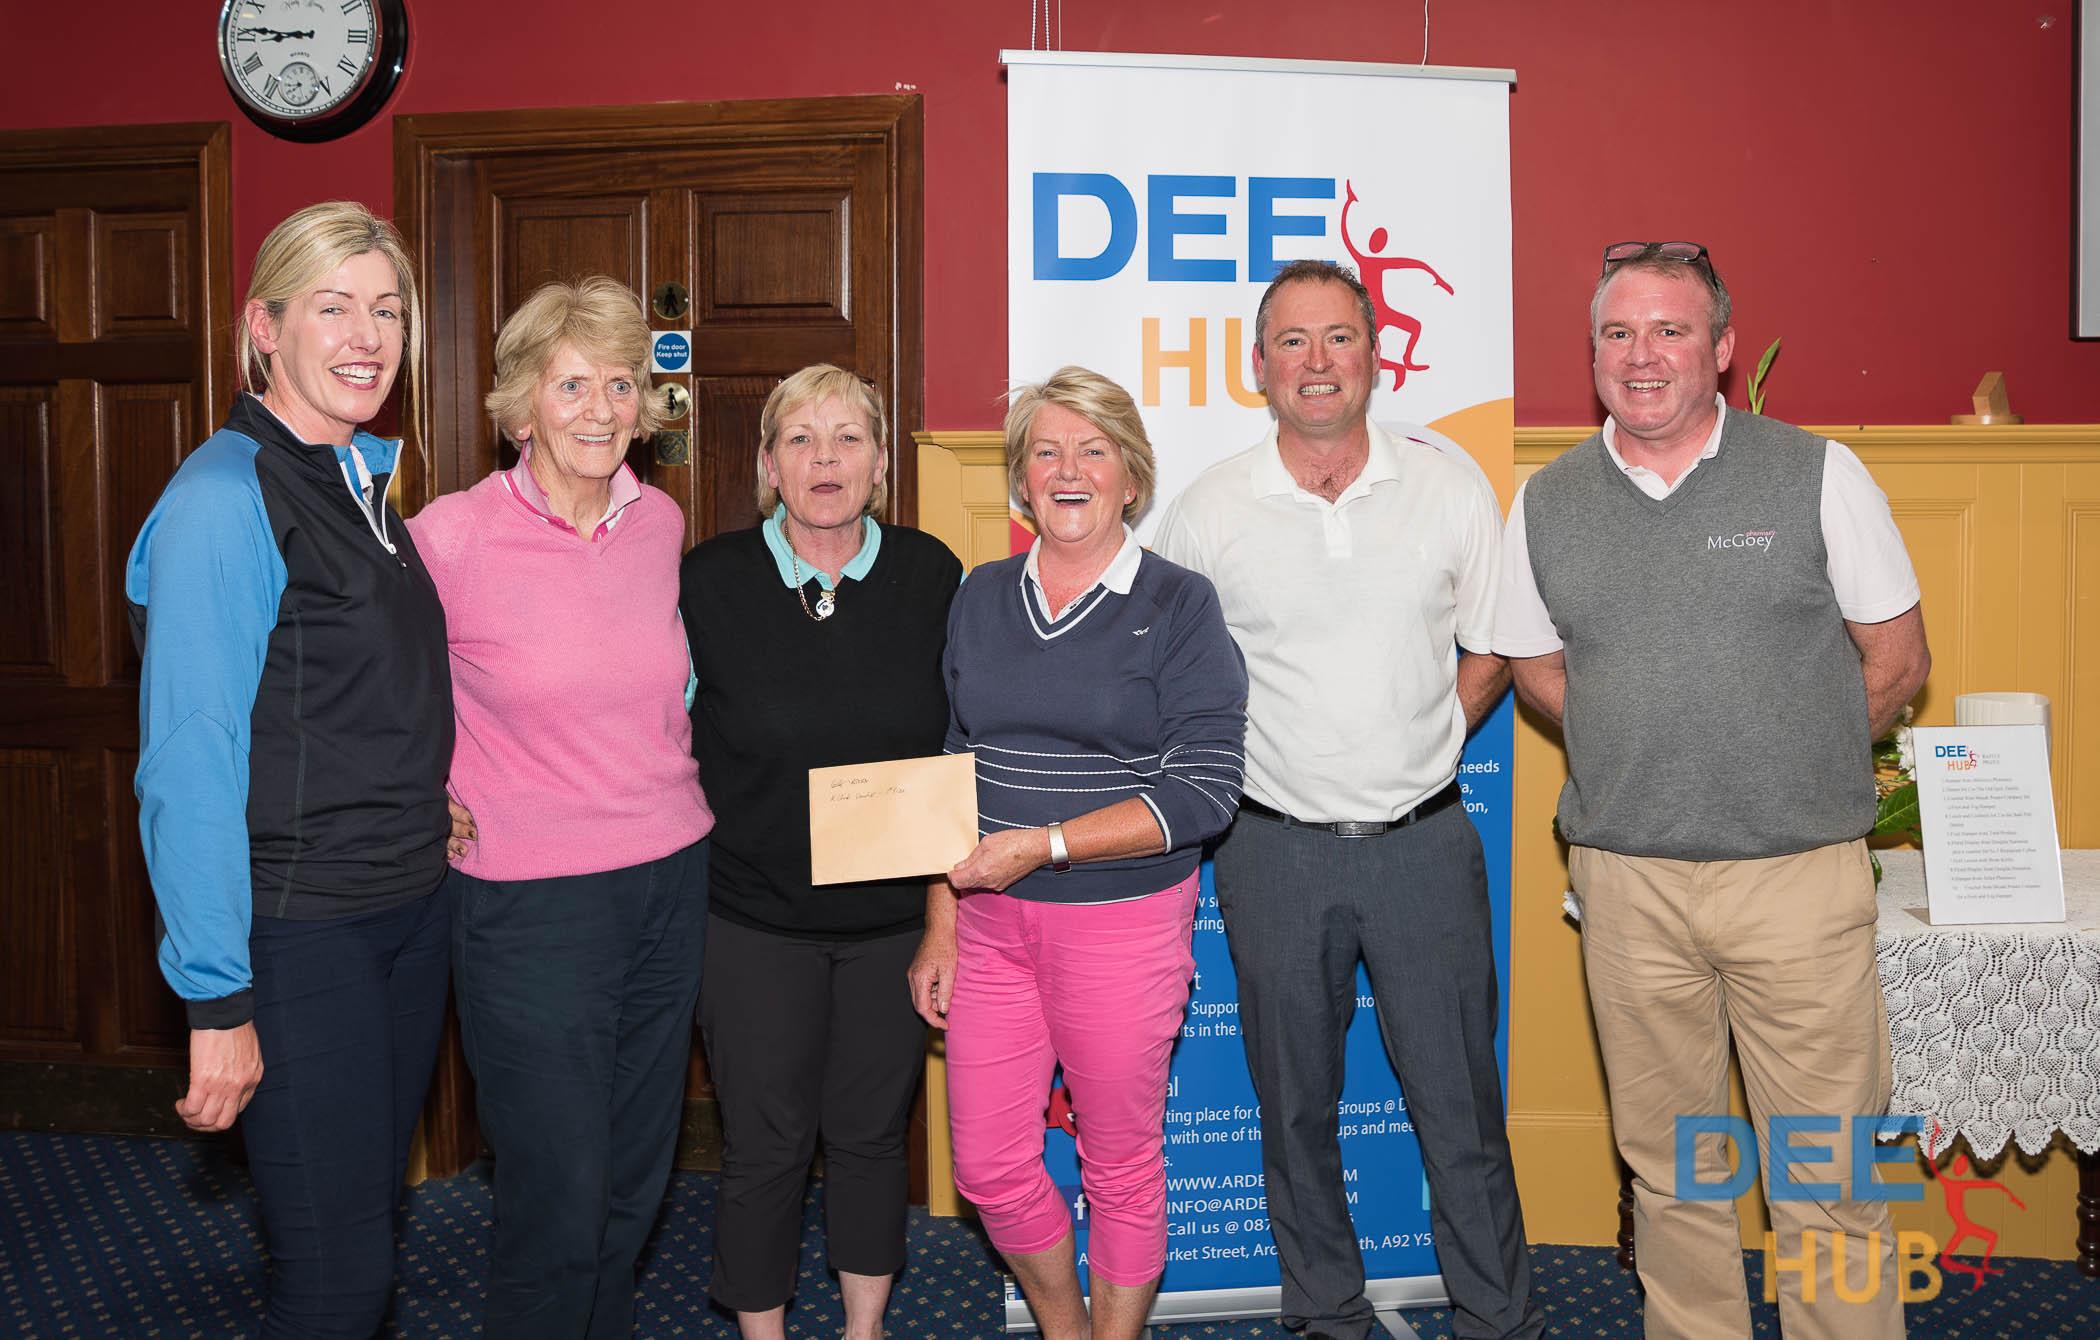 Dee Hub Inaugural Golf Classic 2017